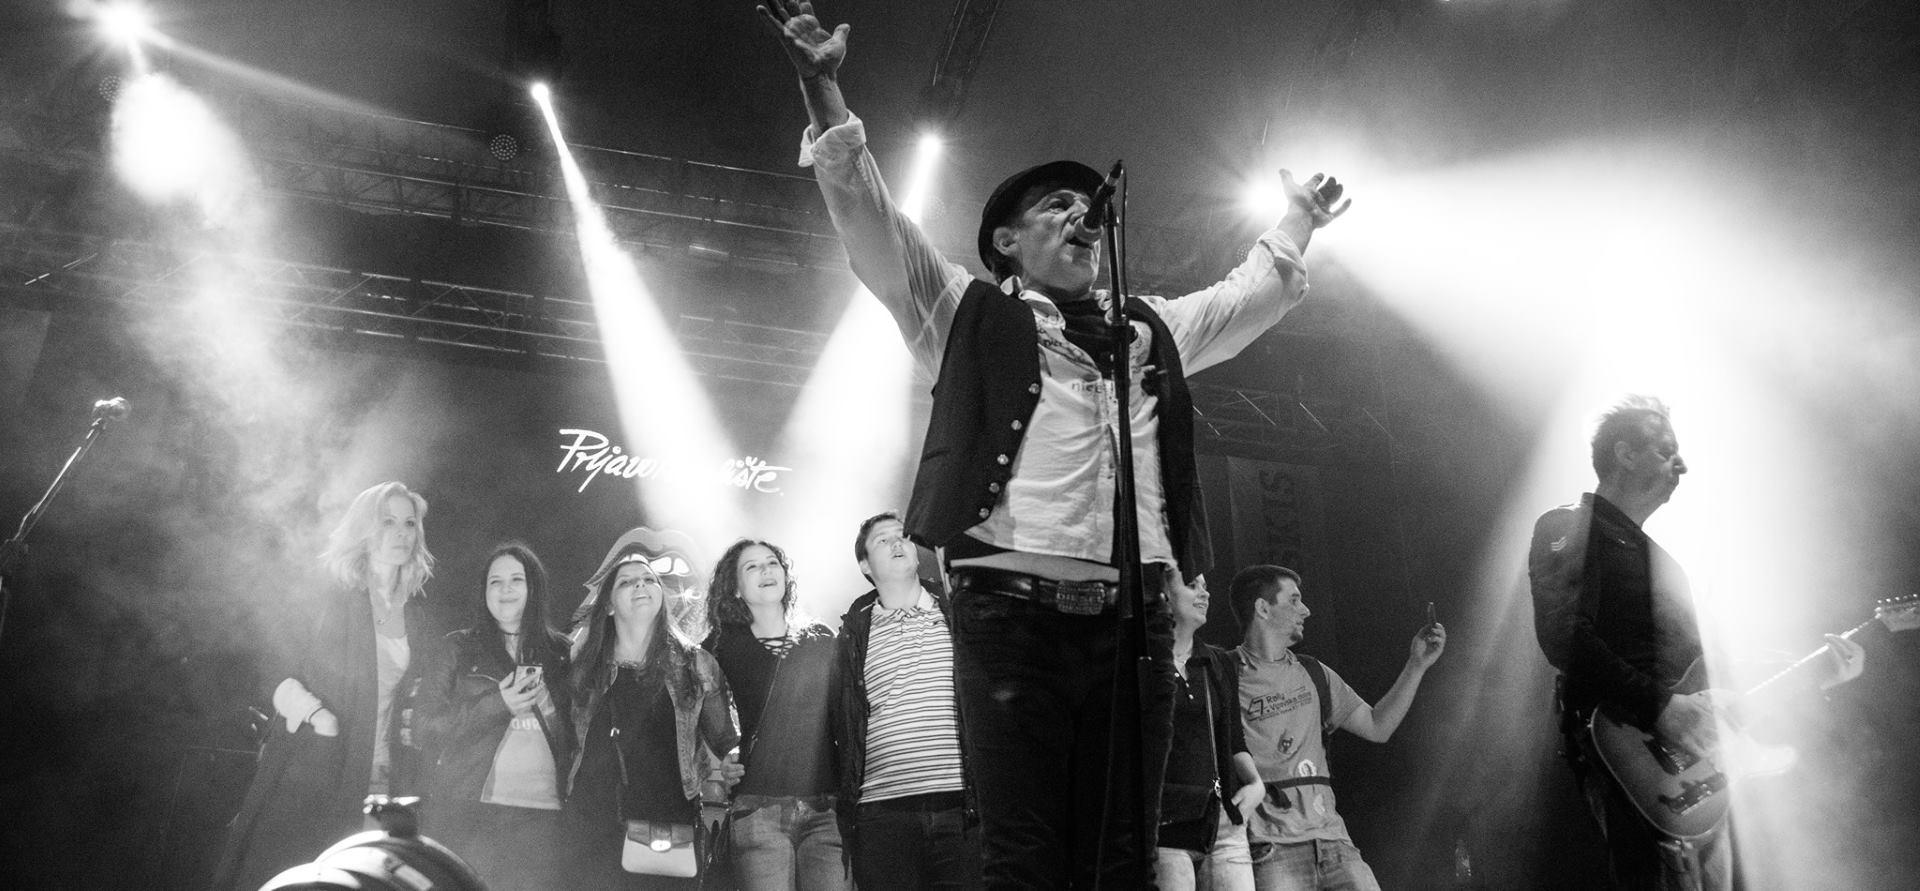 Završnica velike turneje 'Prljavog kazališta' na Ljetnoj pozornici u Opatiji